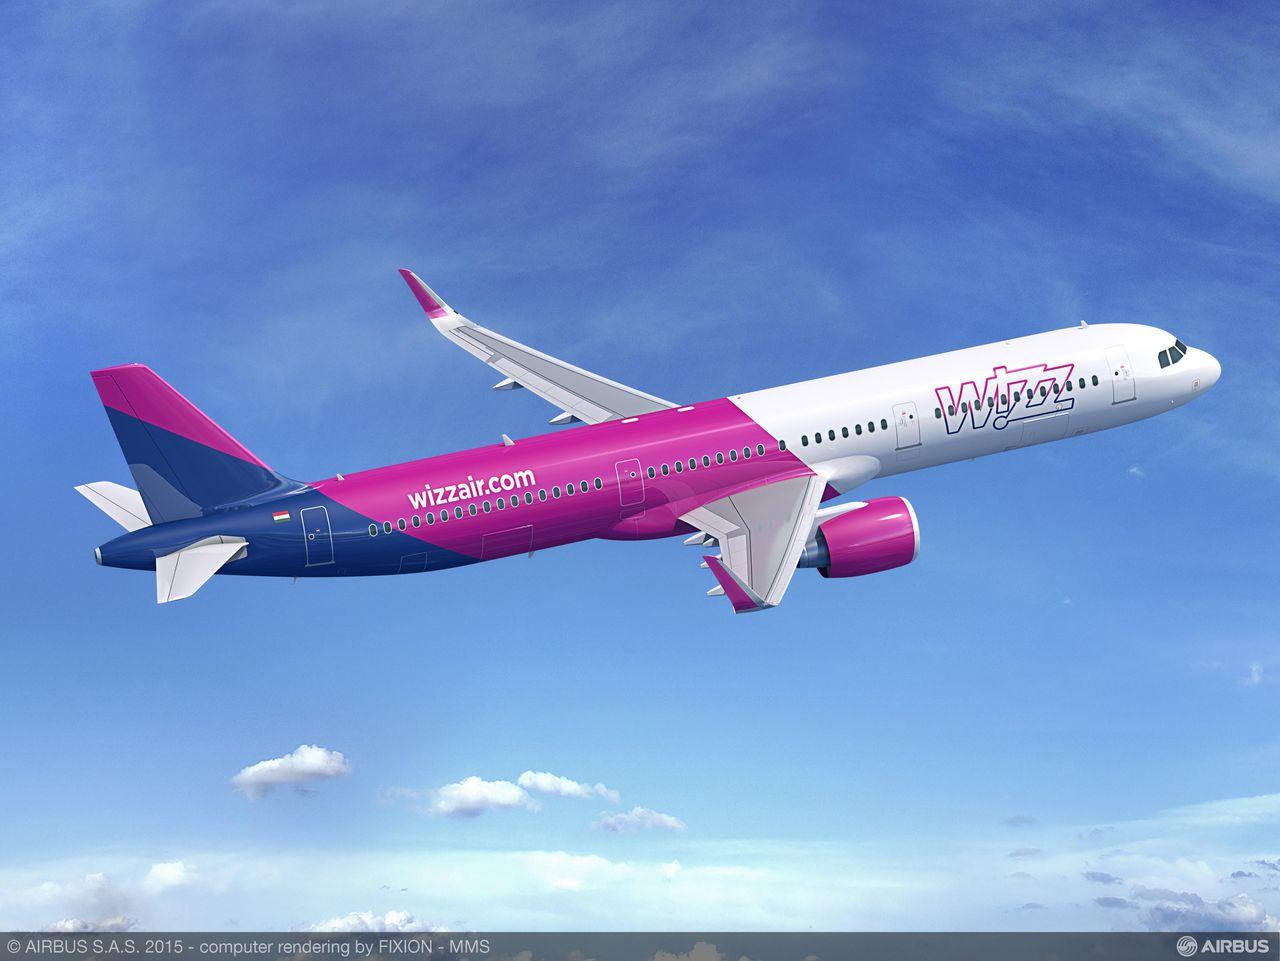 A321neo látványterv a Wizz Air színeiben. (Forrás: Airbus)   © AIRportal.hu